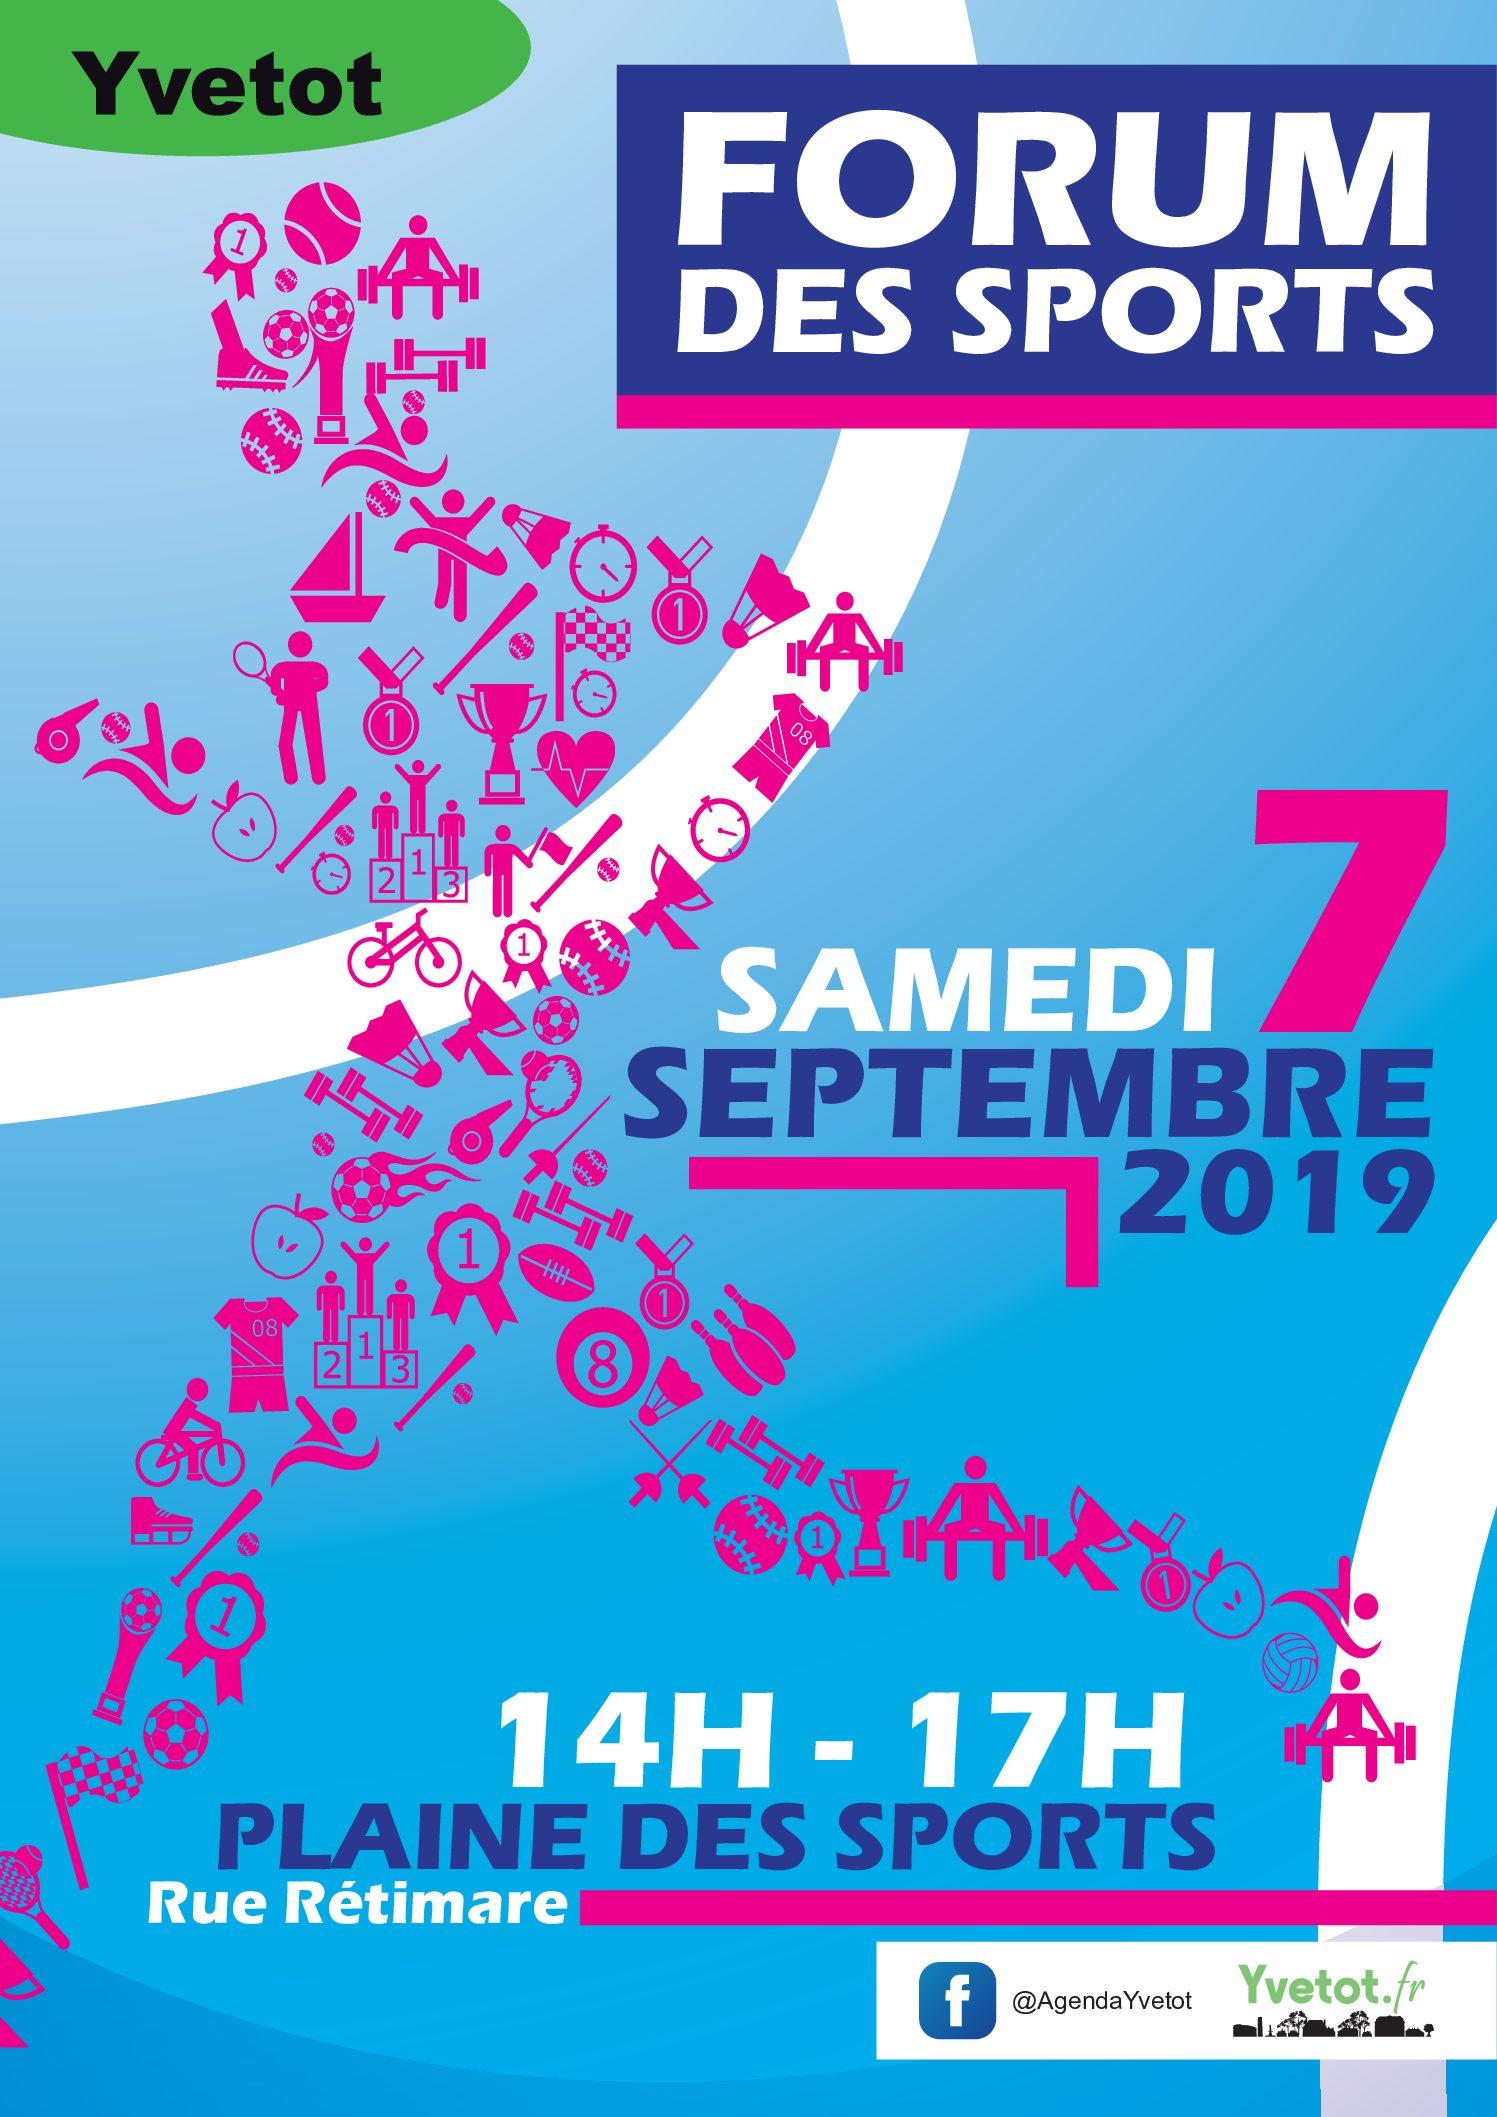 DACS_SPORTS_Affiche_Forum_des_sports_2019-1